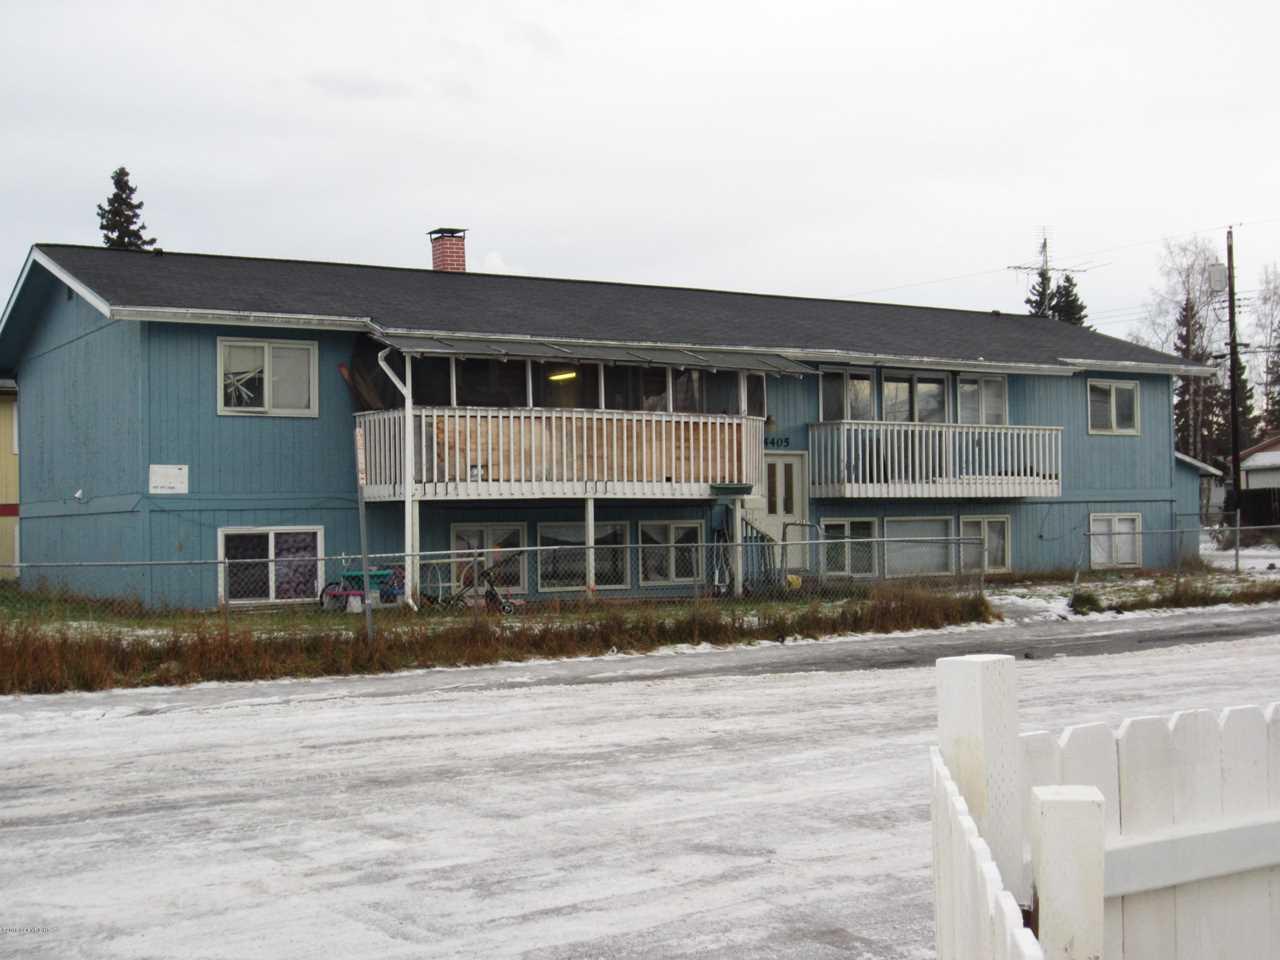 4405 Parsons Avenue Anchorage, AK 99508 | MLS 18-19104 Photo 1